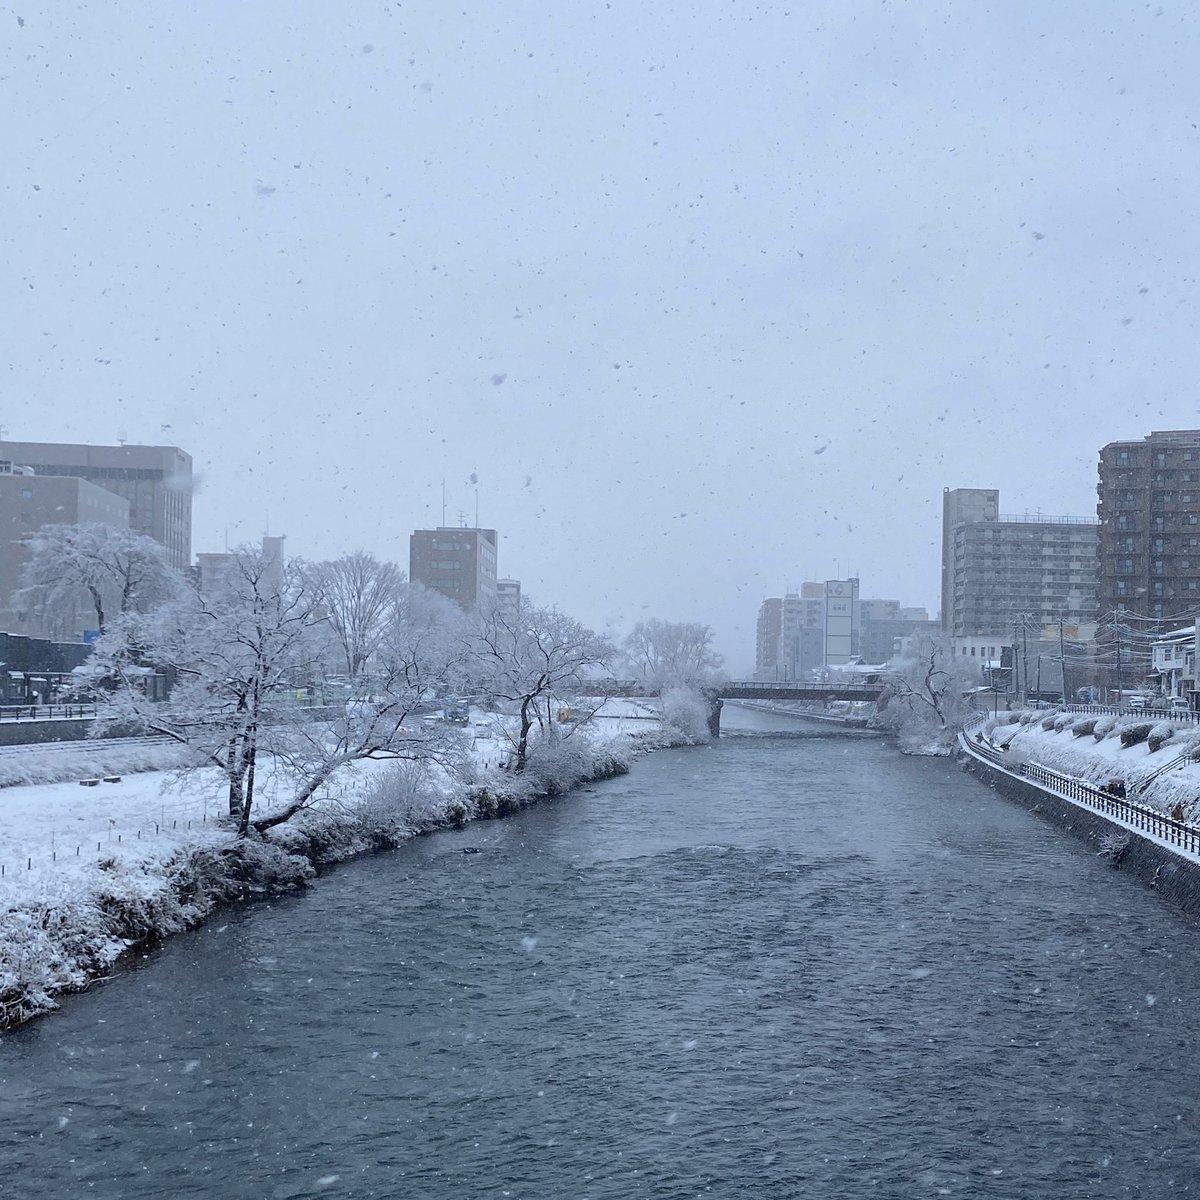 2020/02/18 盛岡市の開運橋から撮影。みなさま、体調管理に気をつけてお過ごしください。 #岩手 #盛岡 #北上川 #岩手においでよ